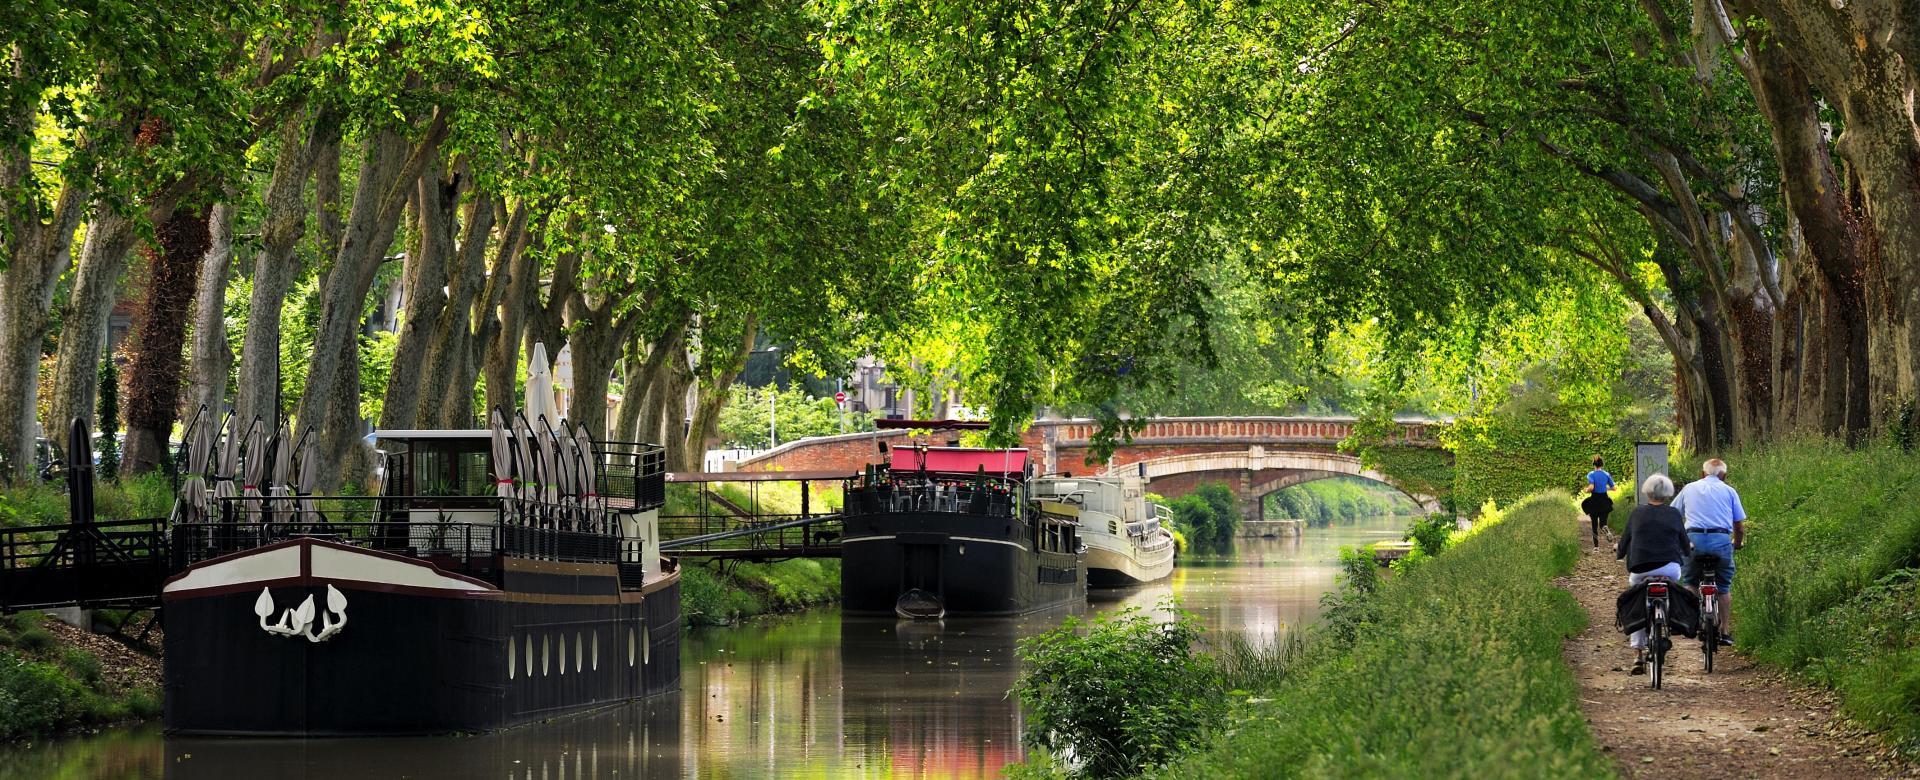 Voyage en véhicule : Le canal de la garonne à vélo